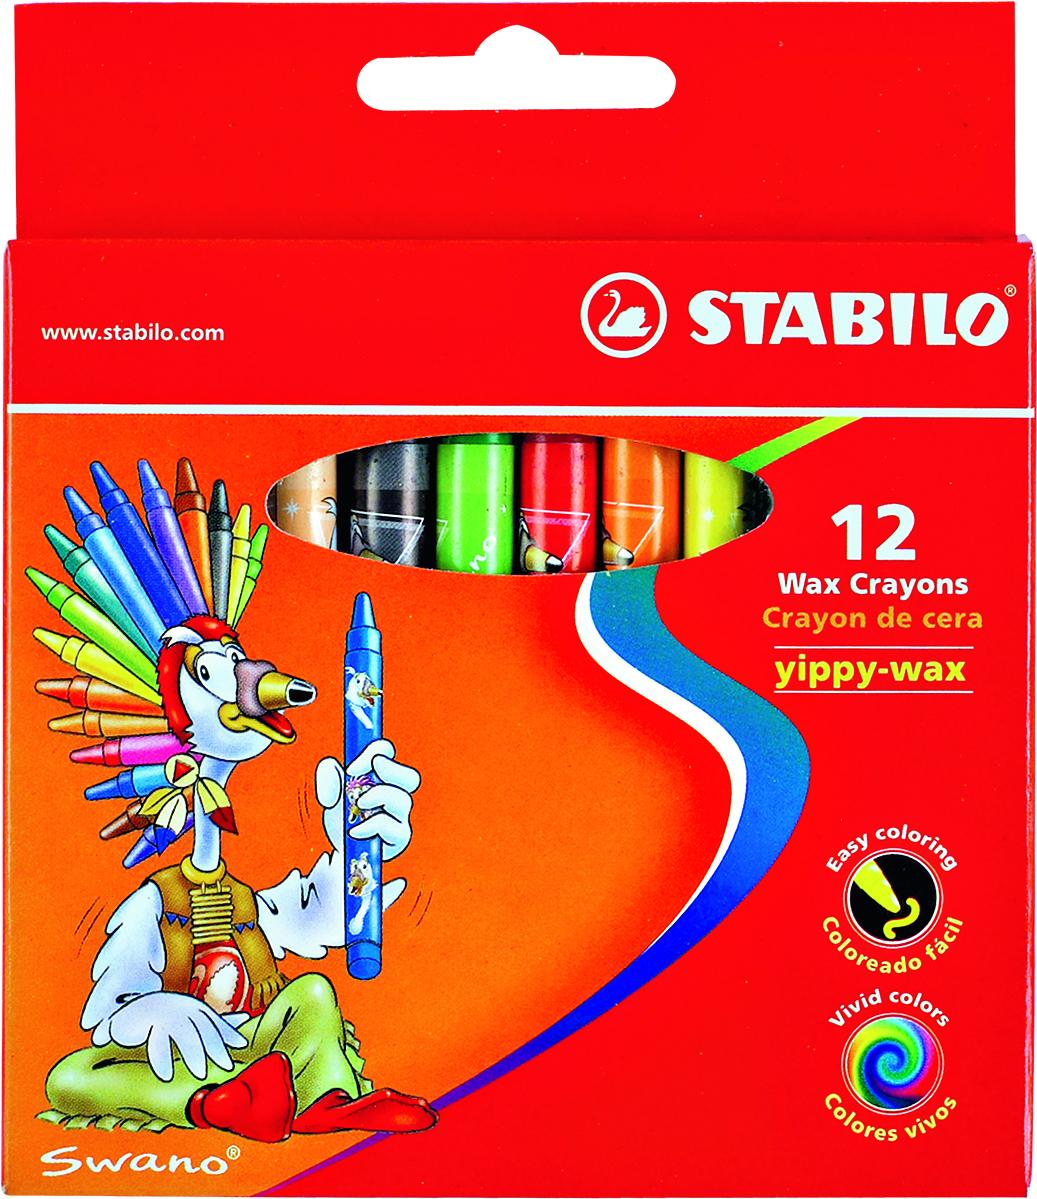 Восковые мелки Stabilo Yippy-wax, 12 цветов2812Цветные восковые мелки отличаются необыкновенной яркостью и стойкостью цвета. Легко смешиваются и позволяют создавать огромное количество оттенков. Очень прочные, не крошатся, не ломаются, не образуют пыли, не нуждаются в затачивании. Каждый мелок в индивидуальной бумажной упаковке. Характеристики:Материал:воск. Диаметр мелка:1 см. Длина мелка:9,3 см. Размер упаковки:10,5 см х 12 см х 10 см. Изготовитель:Малайзия.